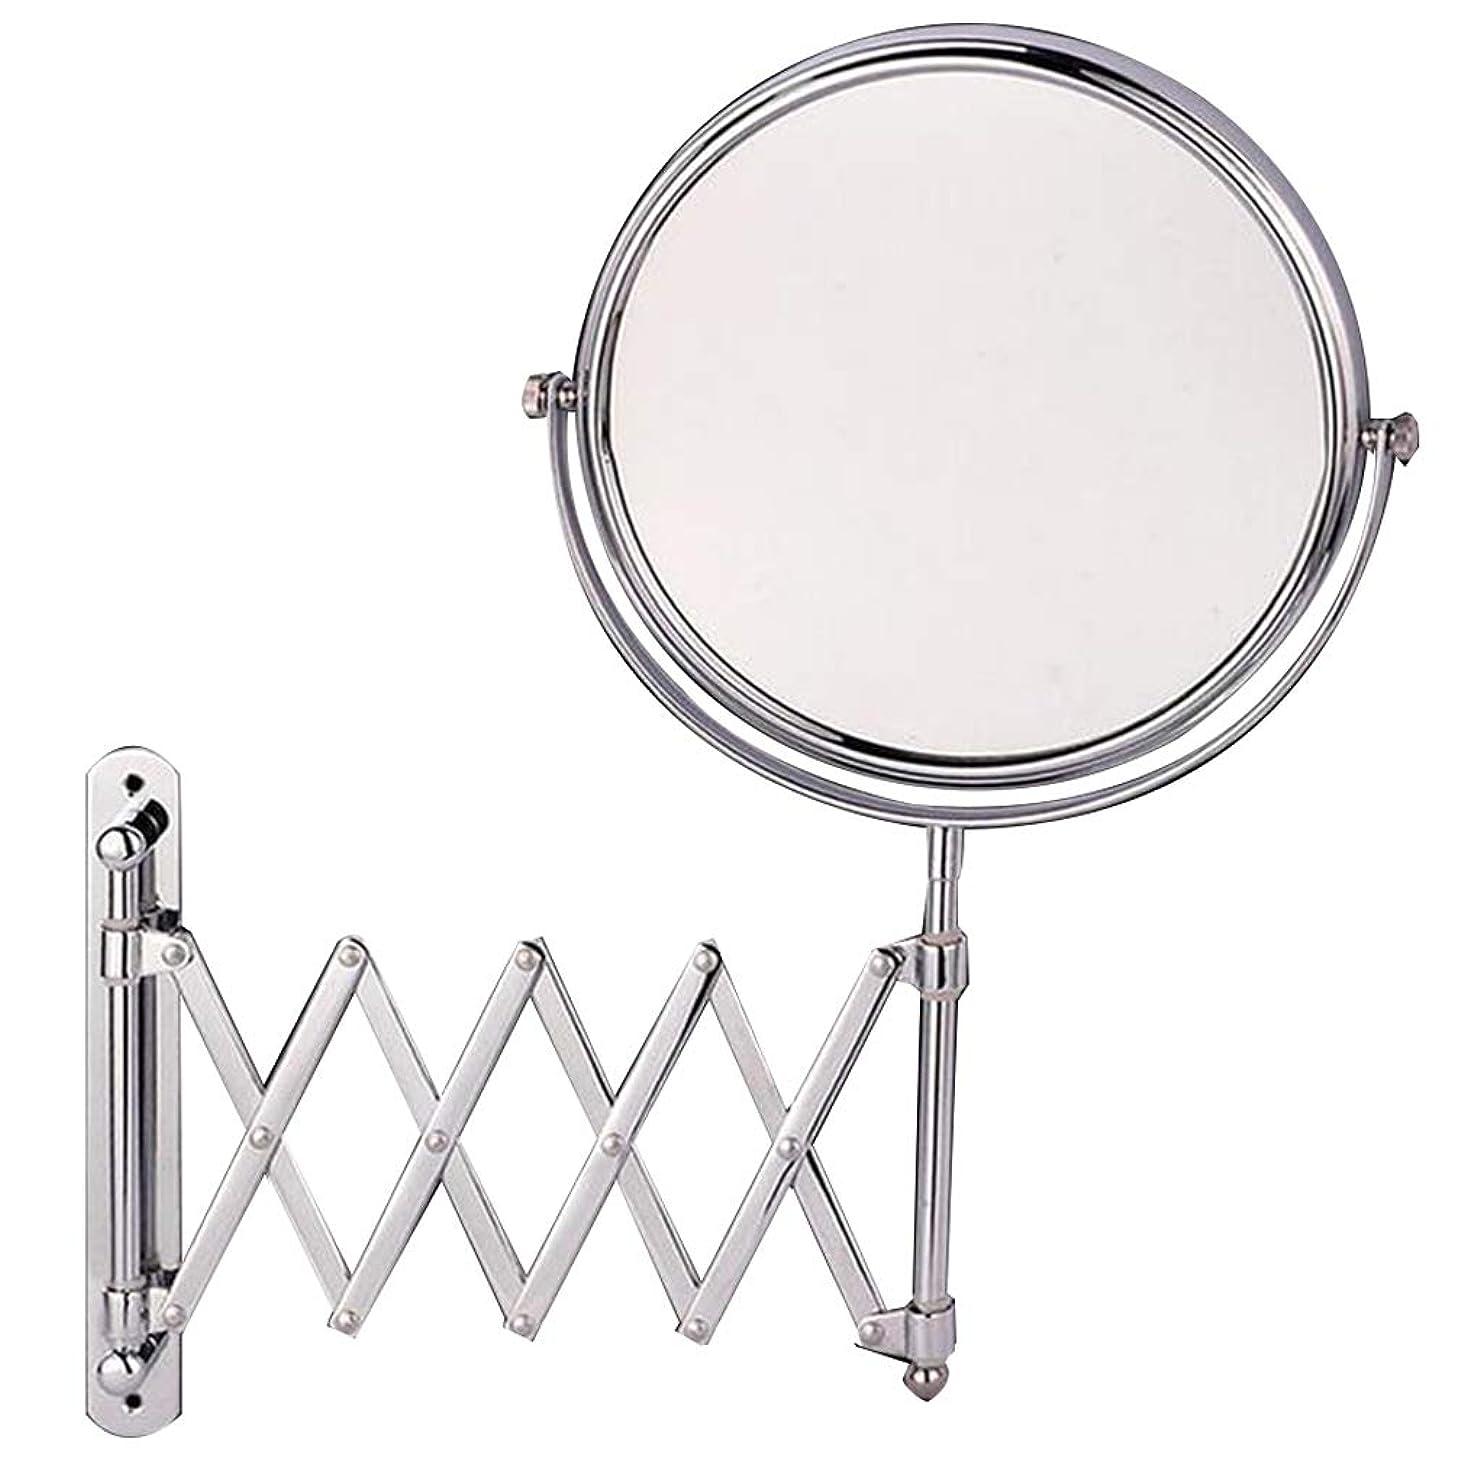 要塞ポーチゴールドCUUYQ 壁掛け式 化粧鏡、両面 3倍拡大 けメイクミラー 360 °回転 伸縮可能折り 化粧ミラー 8インチステンレススチール,Silver